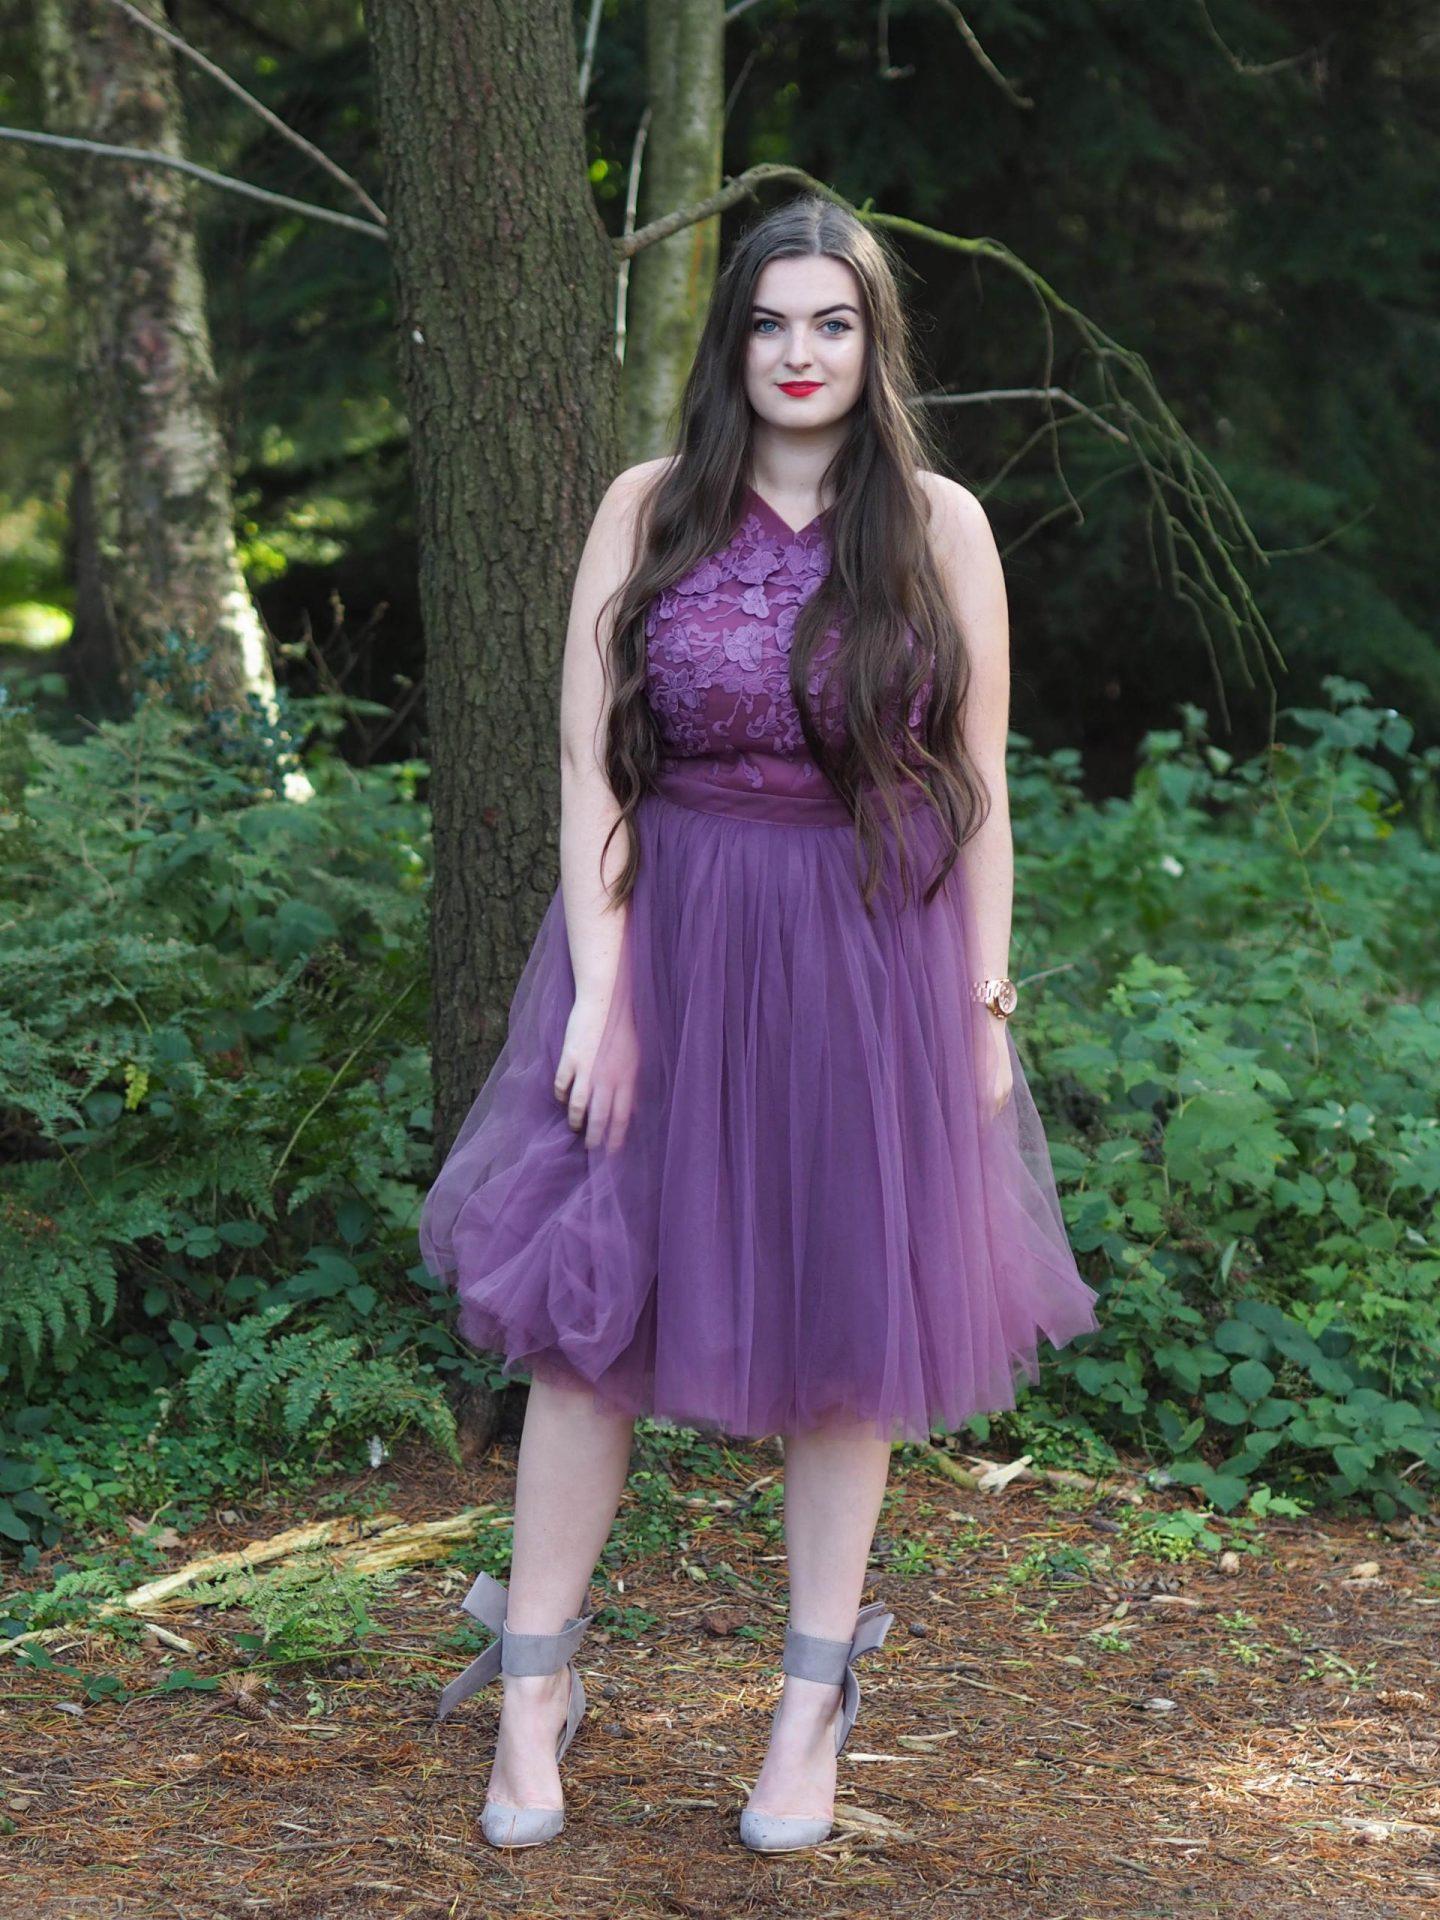 chi-chi-clothing-elif-dress-rachel-nicole-uk-blogger-6